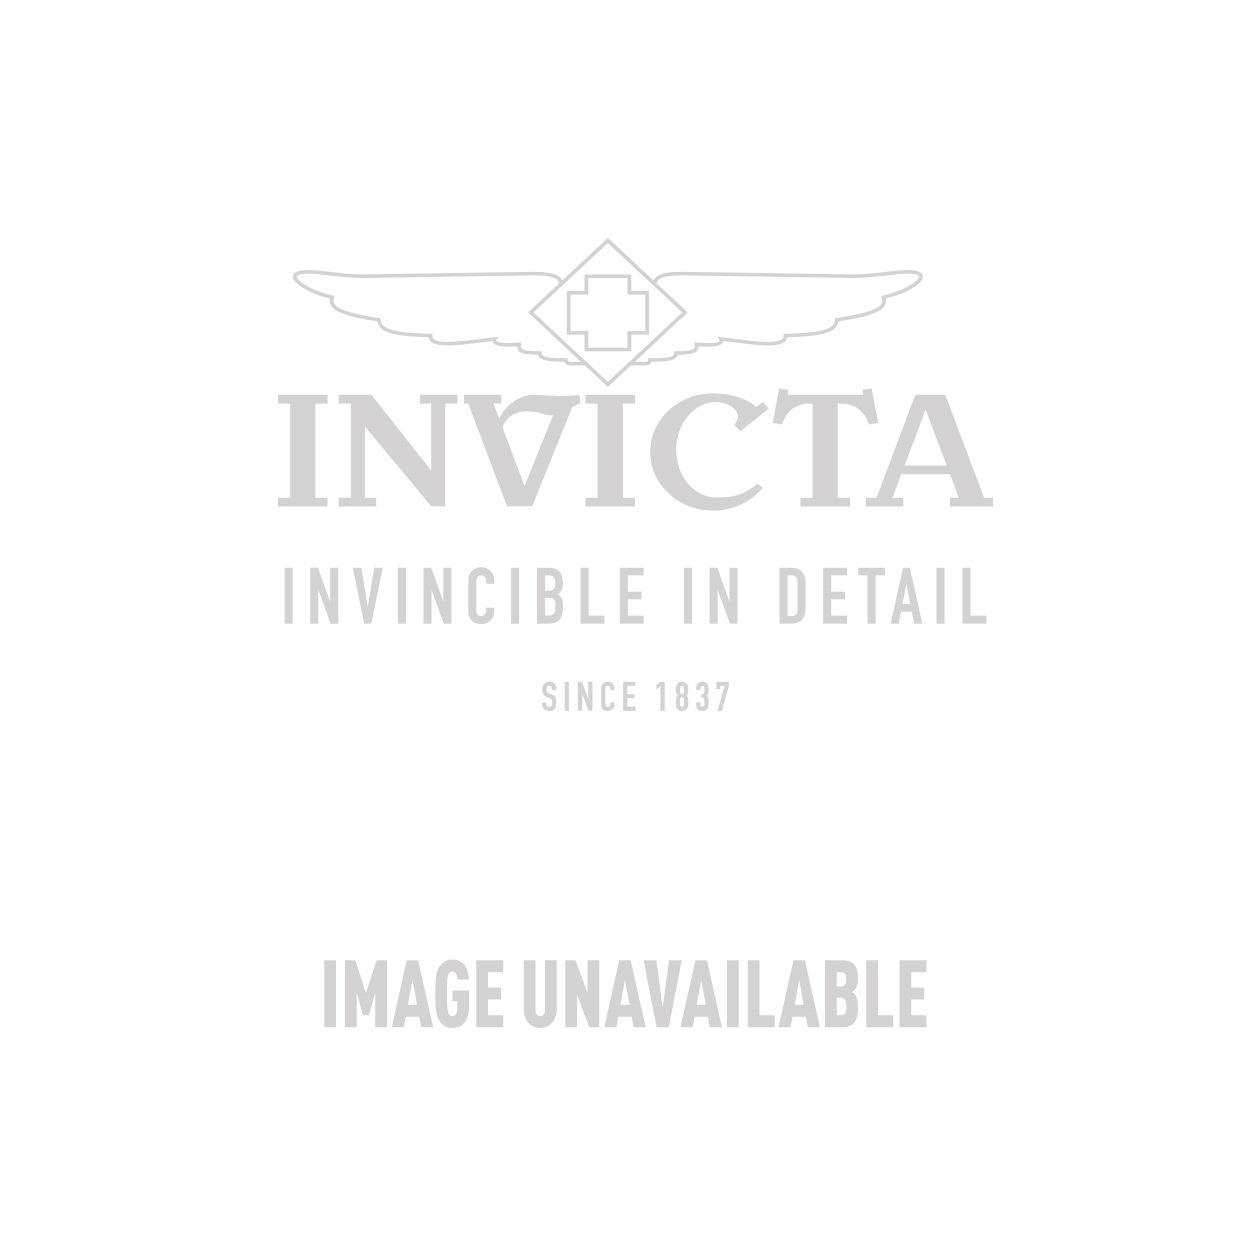 Invicta Model 25587